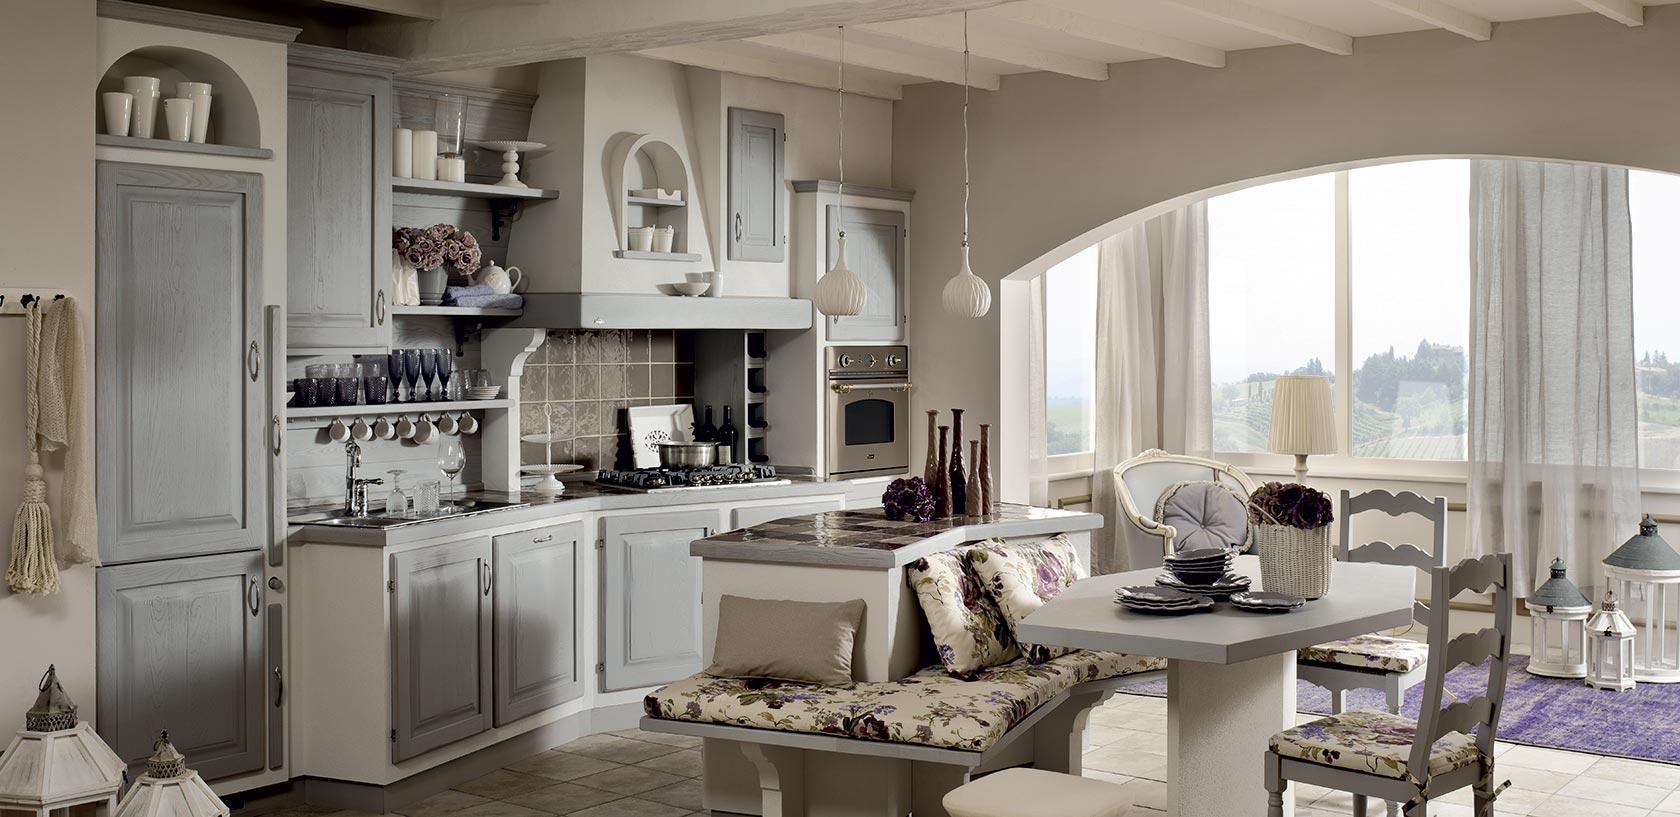 Zappalorto cucine effetto muro - Tessuti country per cucina ...